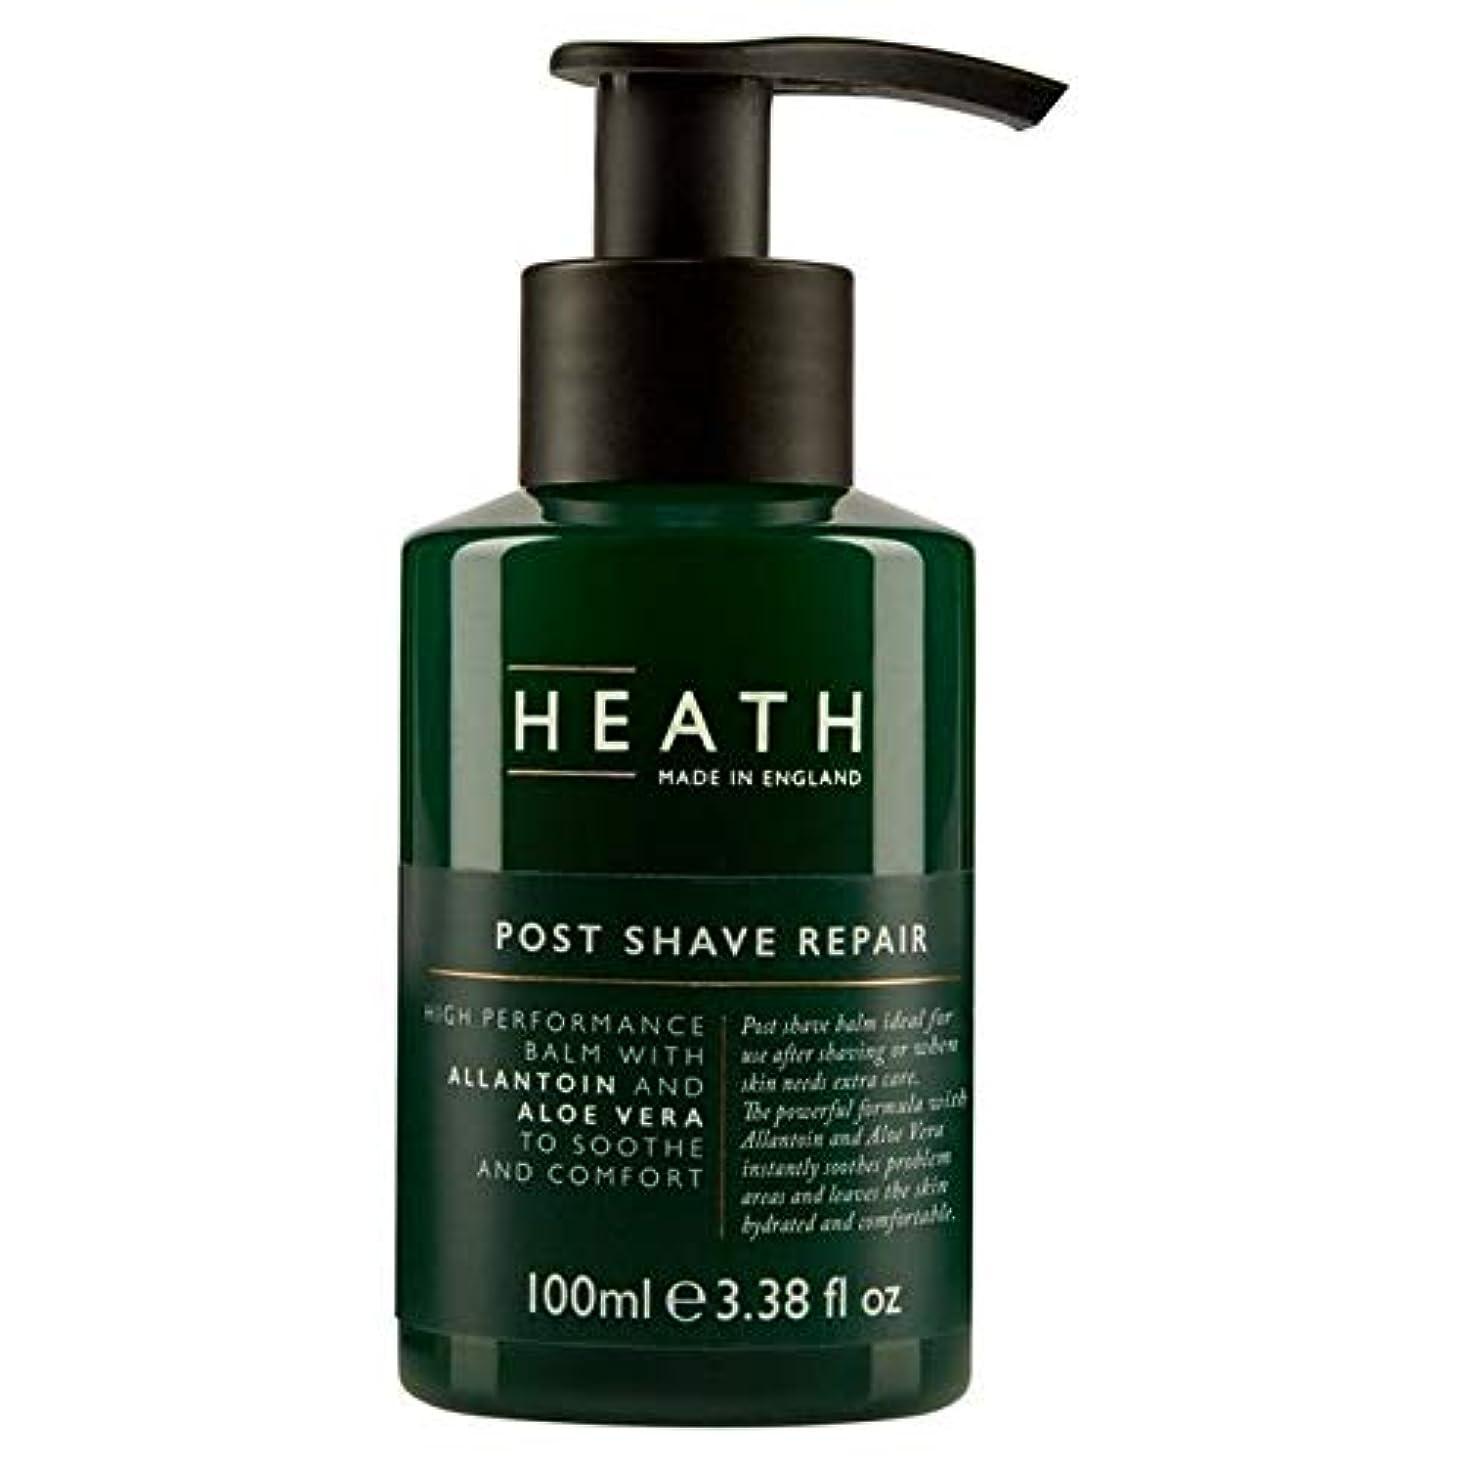 大気懲らしめ逃れる[Heath] ヒースポストシェーブリペア100ミリリットル - Heath Post Shave Repair 100ml [並行輸入品]